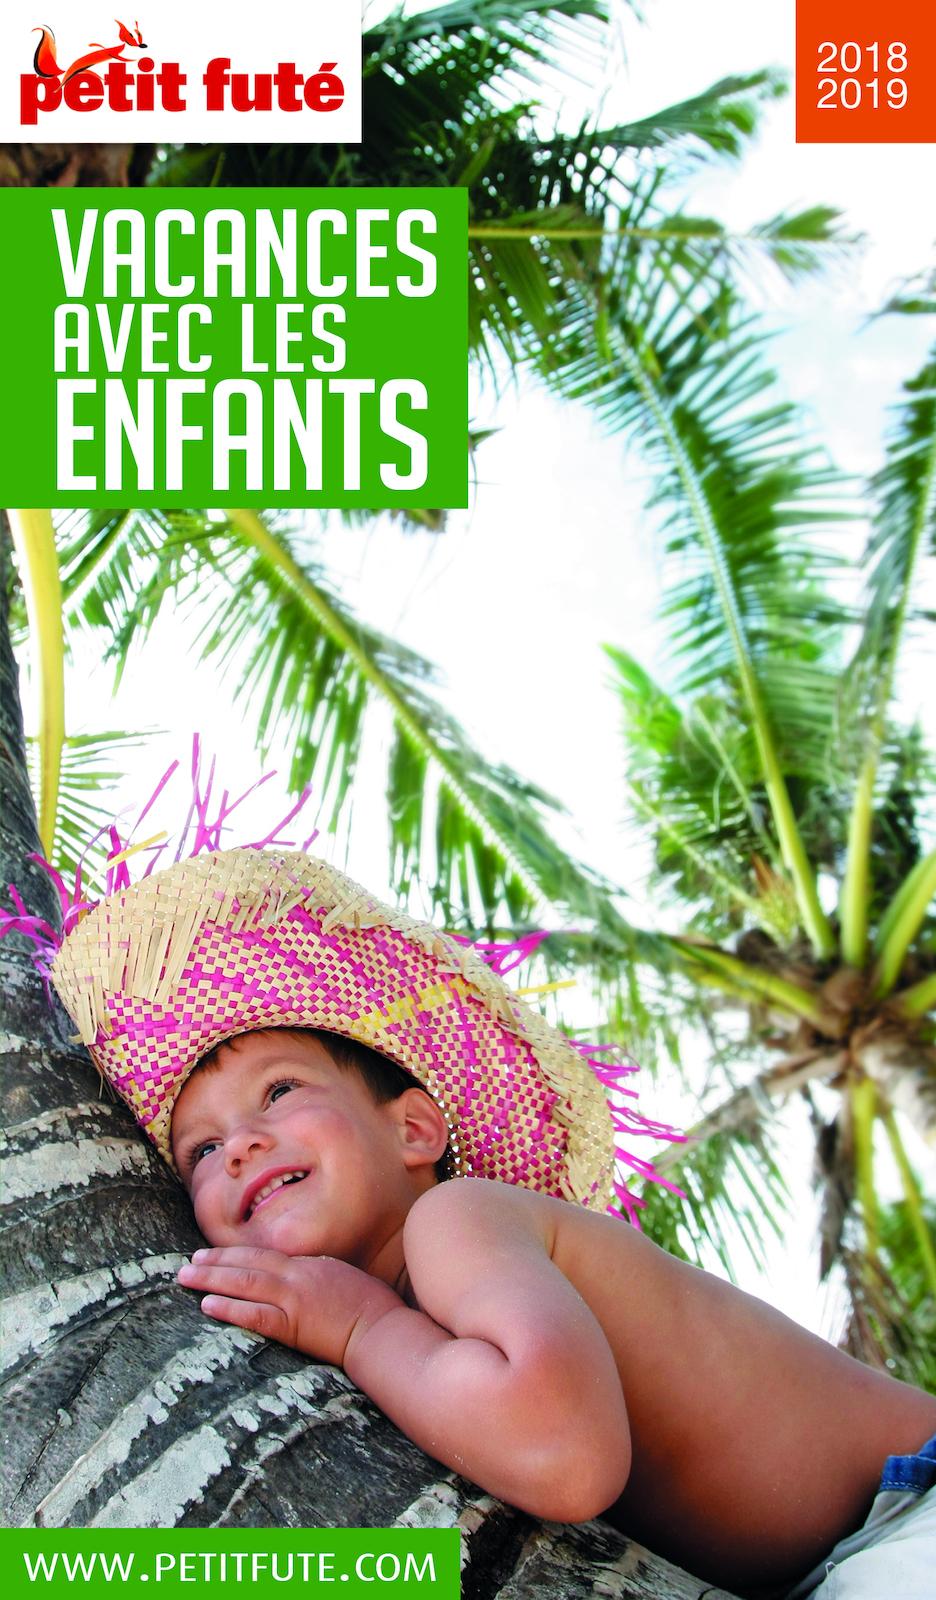 VACANCES AVEC LES ENFANTS 2018/2019 Petit Futé